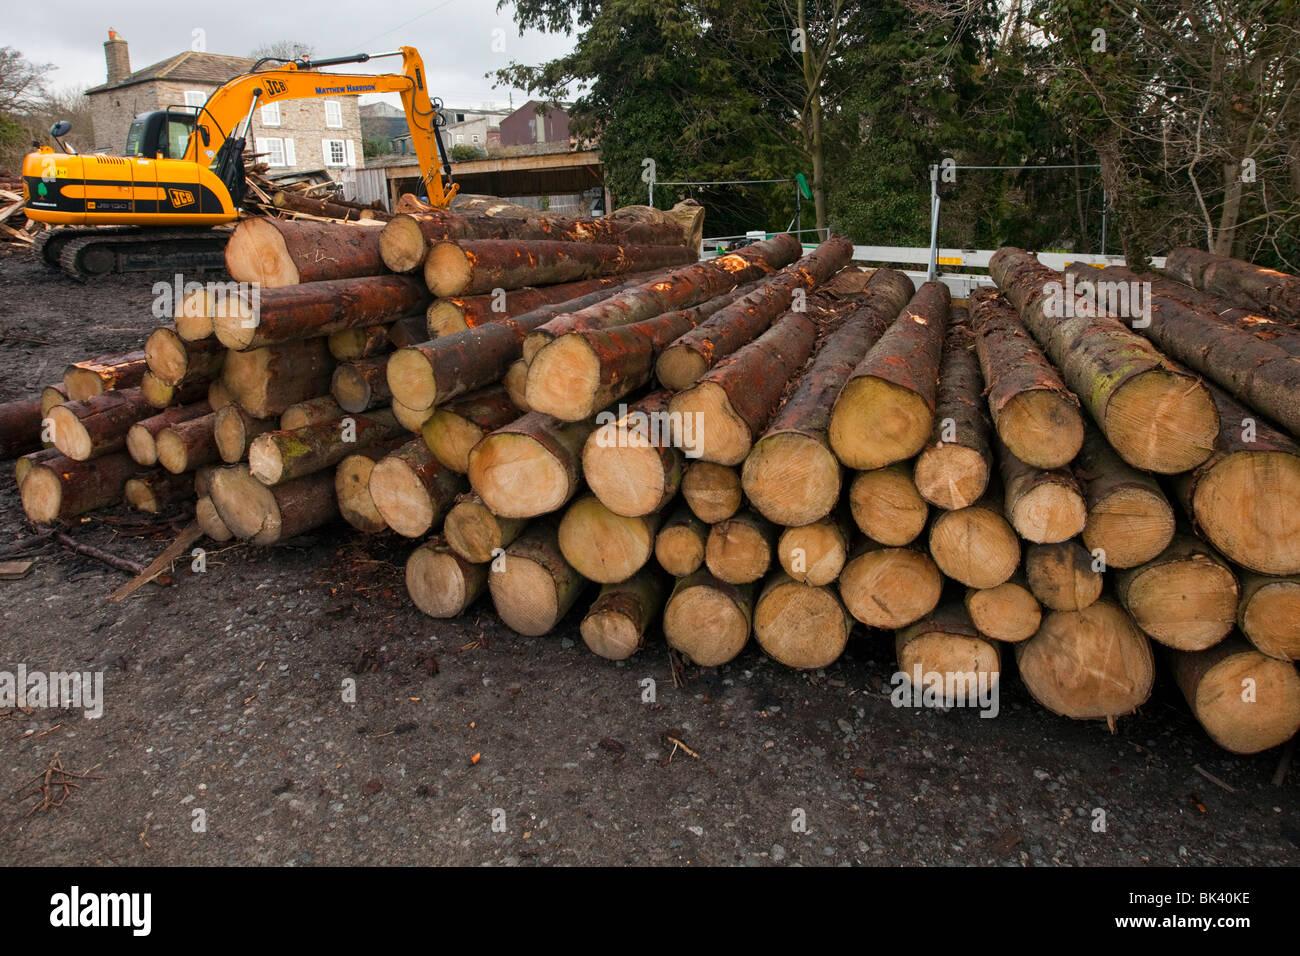 La déforestation, les arbres sont abattus pour faire place à des terres agricoles et de nouvelles routes Photo Stock